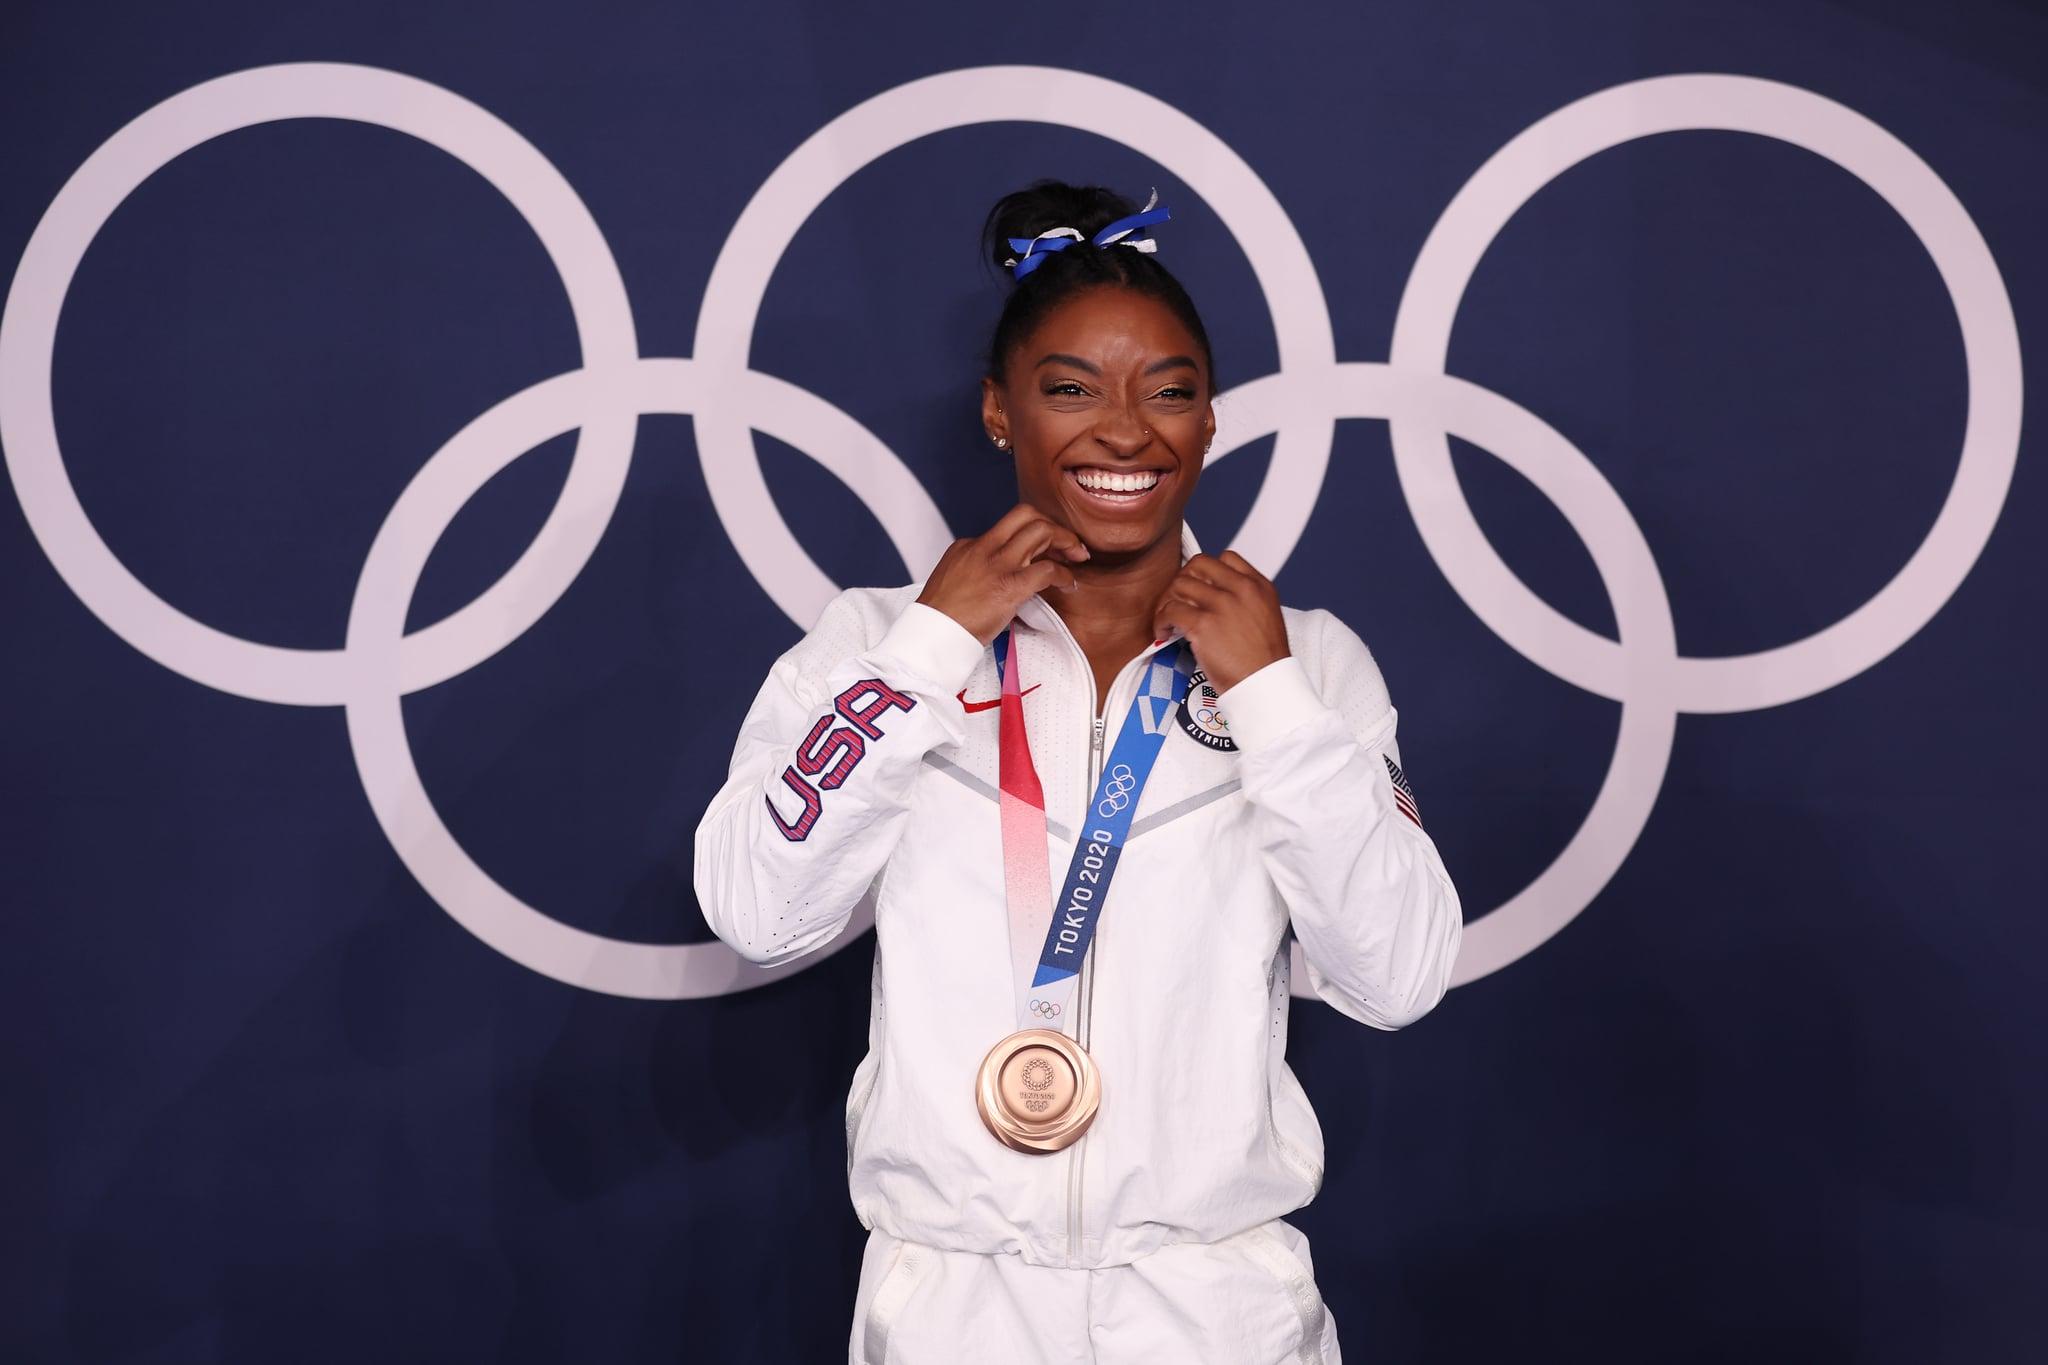 توکیو ، ژاپن - 03 آگوست: سیمون بیلز از تیم ایالات متحده با مدال برنز پس از فینال تیر توازن زنان در یازدهمین دوره بازی های المپیک توکیو 2020 در مرکز ژیمناستیک آریاکه در 03 اوت 2021 در توکیو ژاپن ، مدال برنز گرفت.  (عکس توسط Jamie Squire/Getty Images)